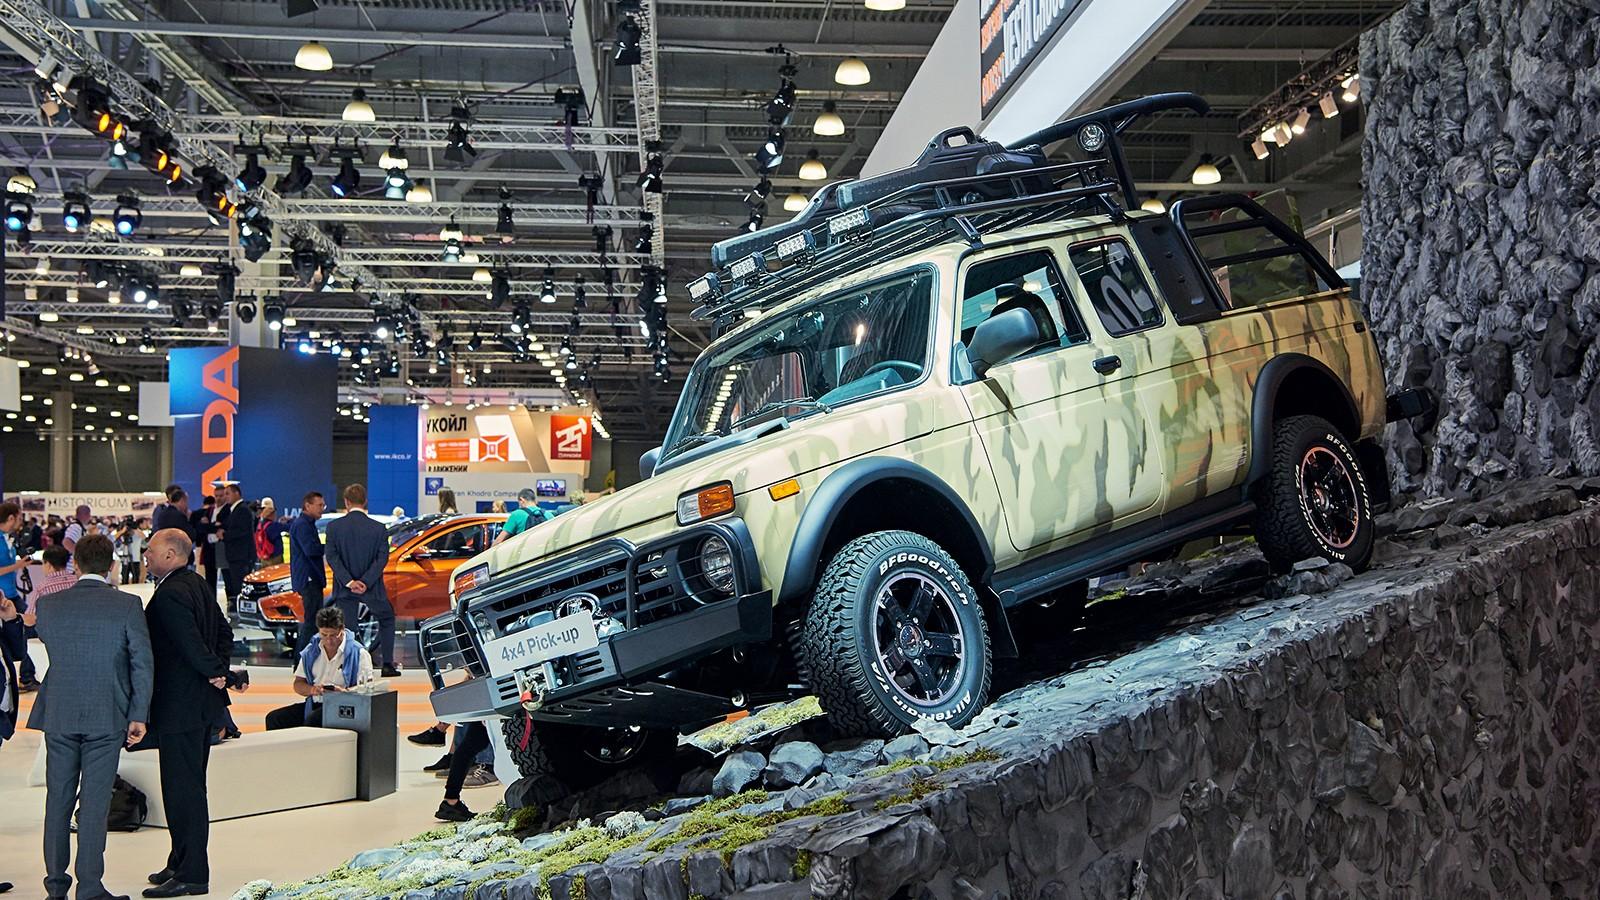 На фото: Lada 4x4 Pick-up, демонстрирующий потенциал внедорожника для тюнинга